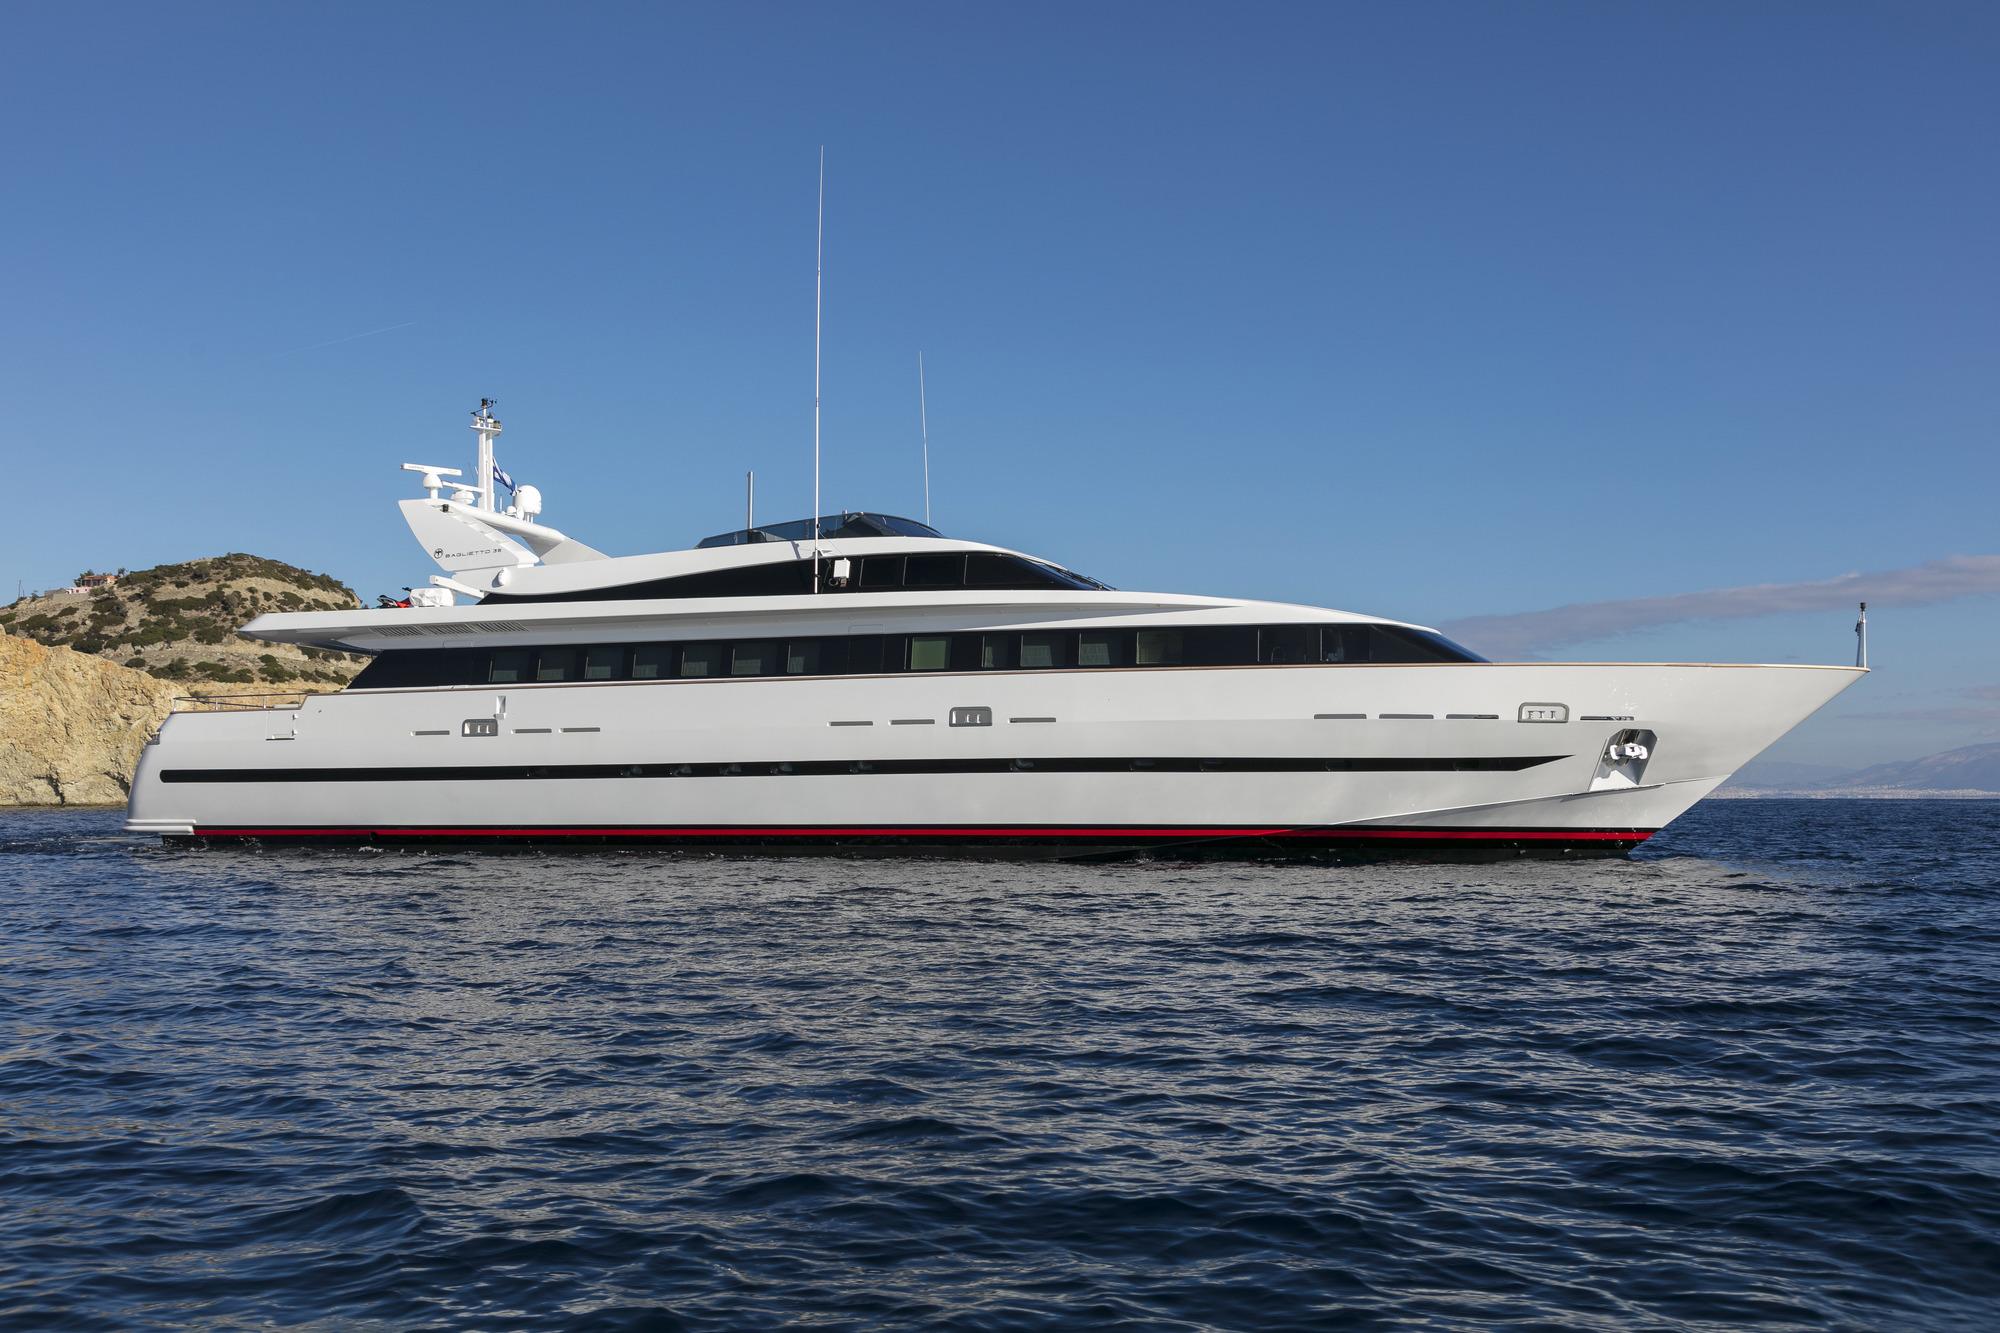 Baglietto Motor Yacht SOLE DI MARE - Profile